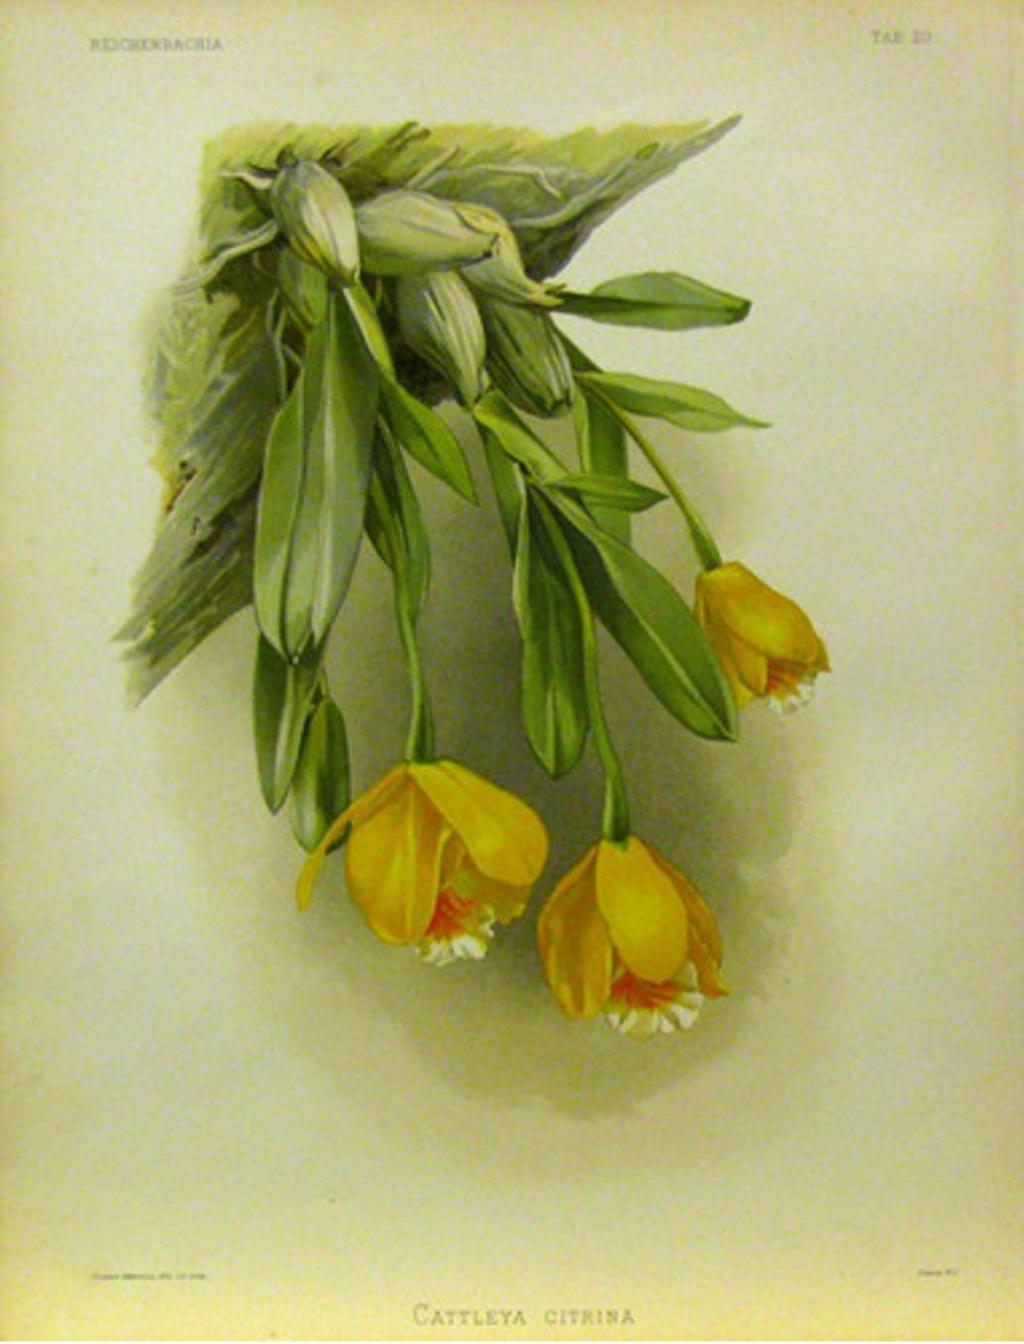 voici mes n'orchidée dans mon phytotron - Page 2 152